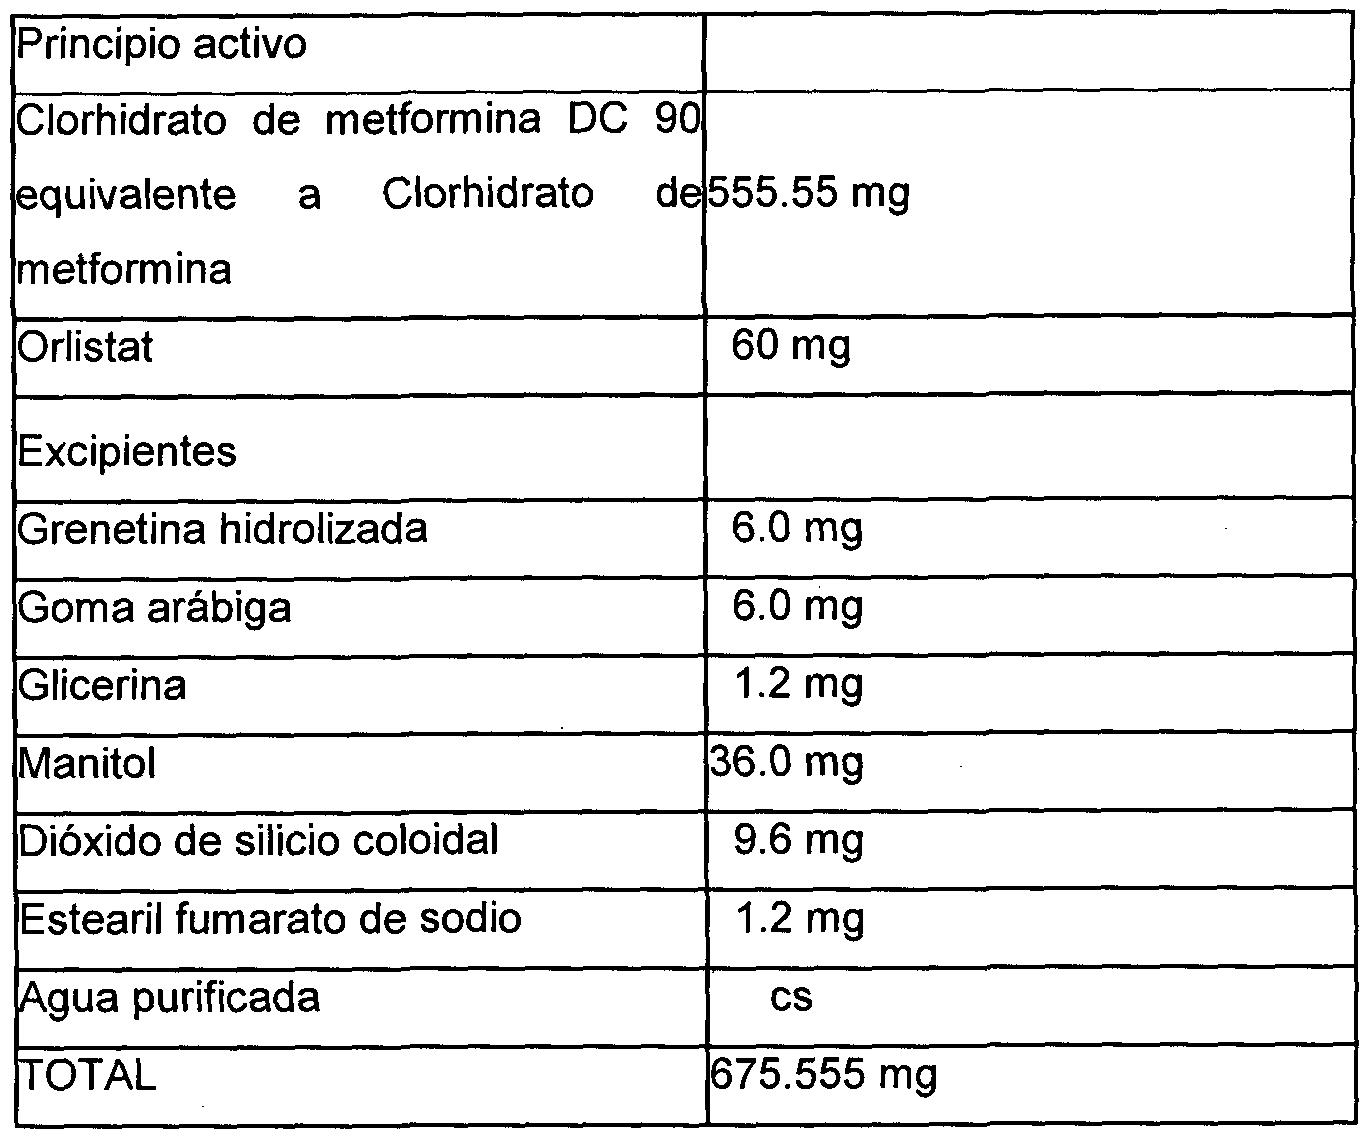 WO2014088386A1 - Composiciones metformina-orlistat